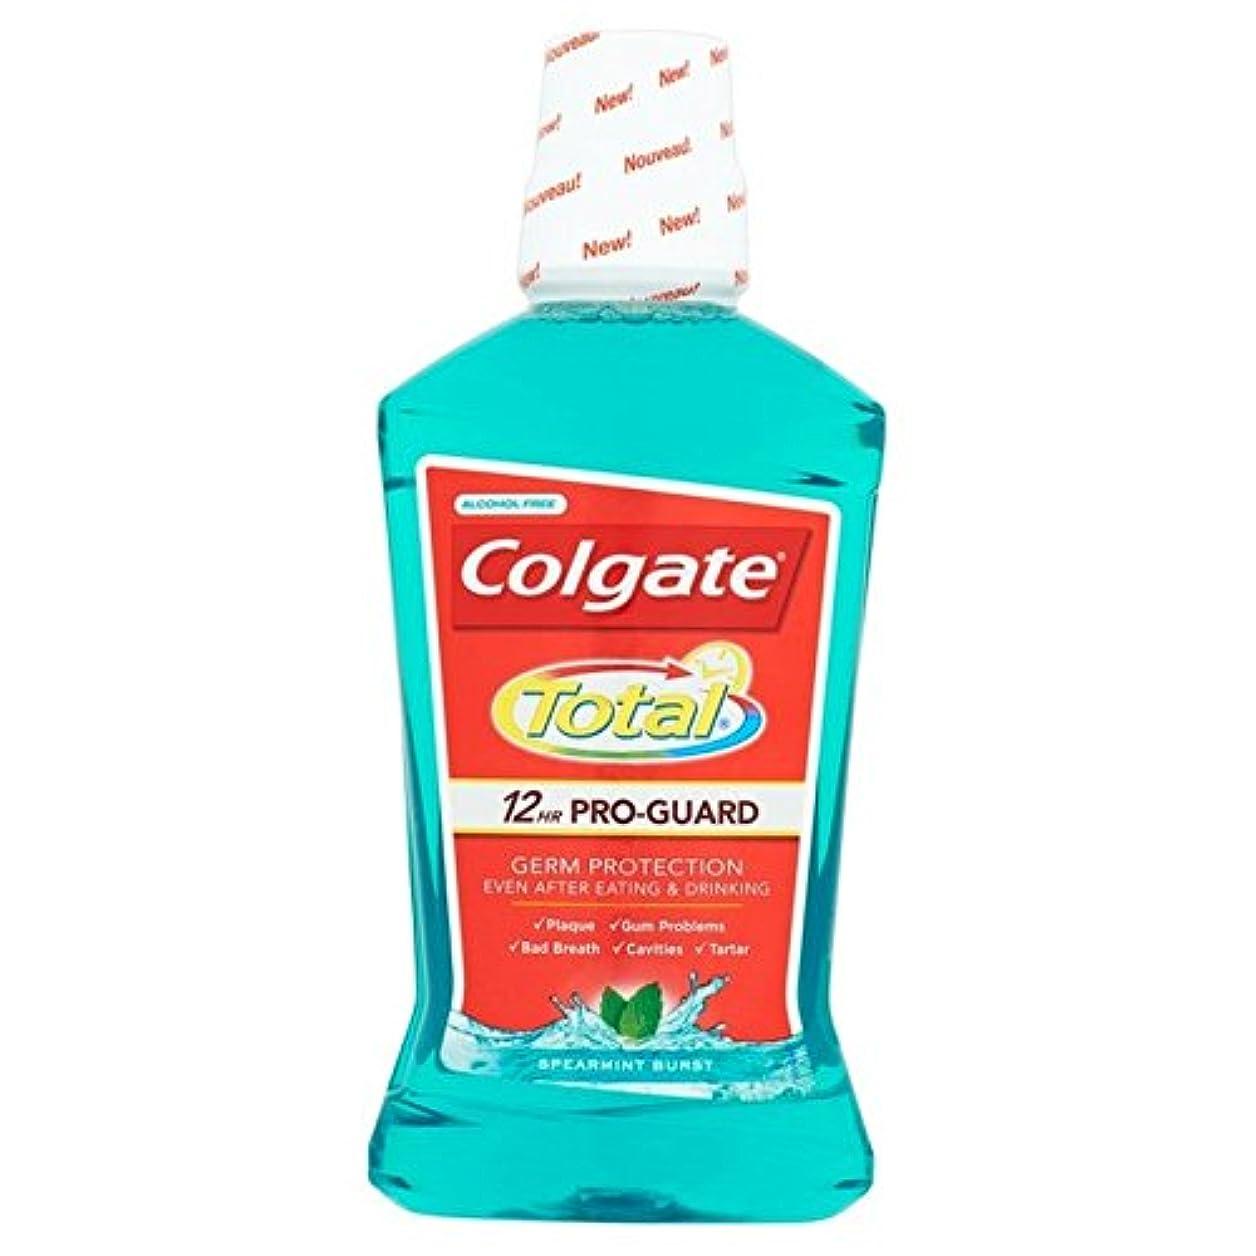 句読点石灰岩省Colgate Total Advanced Green Mouthwash 500ml 500ml (Pack of 6) - コルゲートトータル先進的な緑色のマウスウォッシュ500ミリリットル500ミリリットル x6...